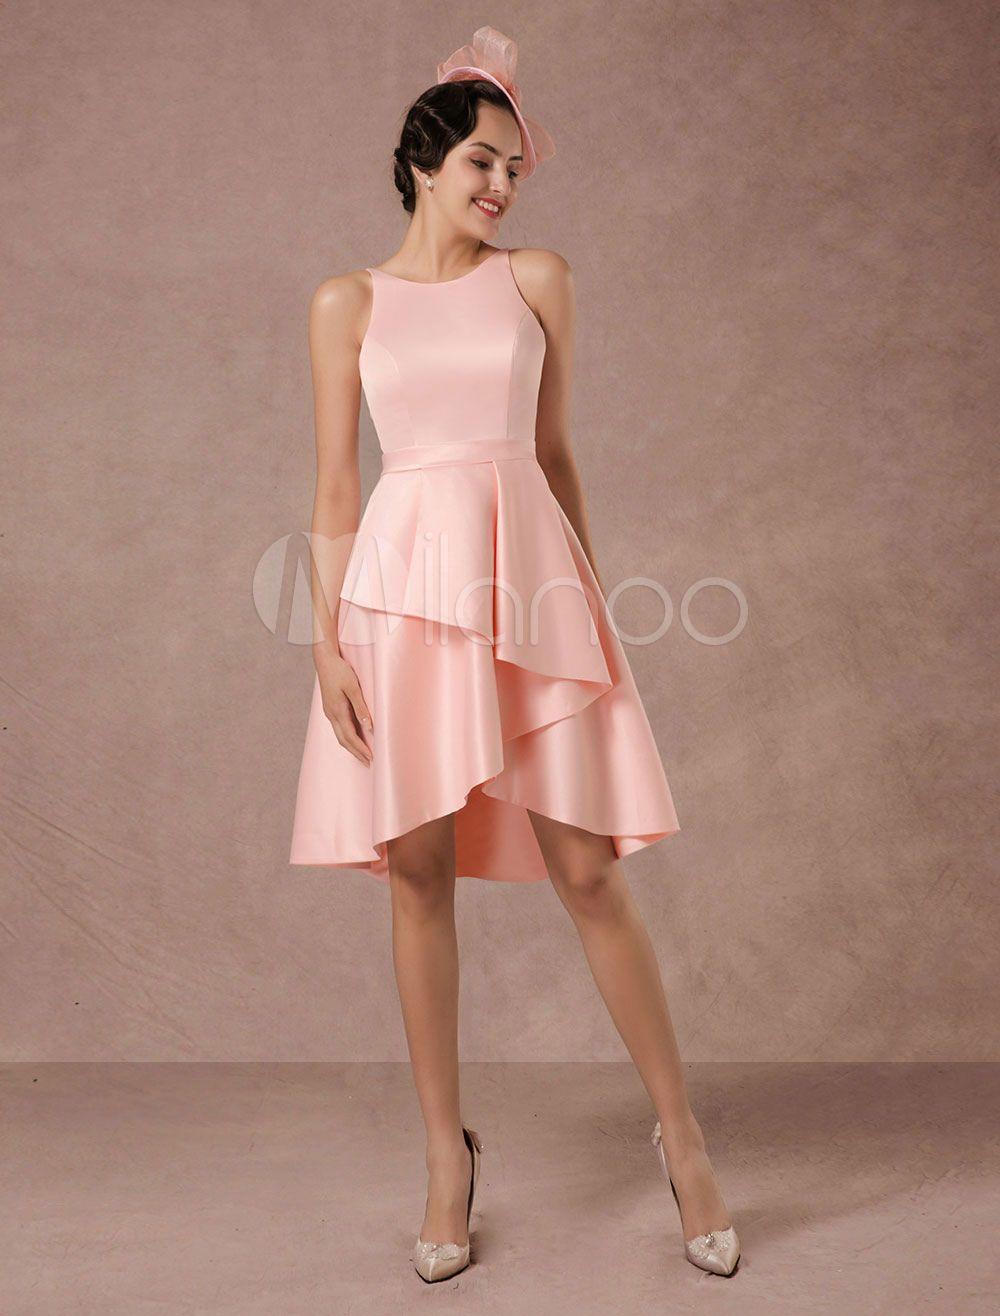 Kurze Hochzeitskleid Rosa Satin Vintage Sommer Brautkleider 2018 A ...